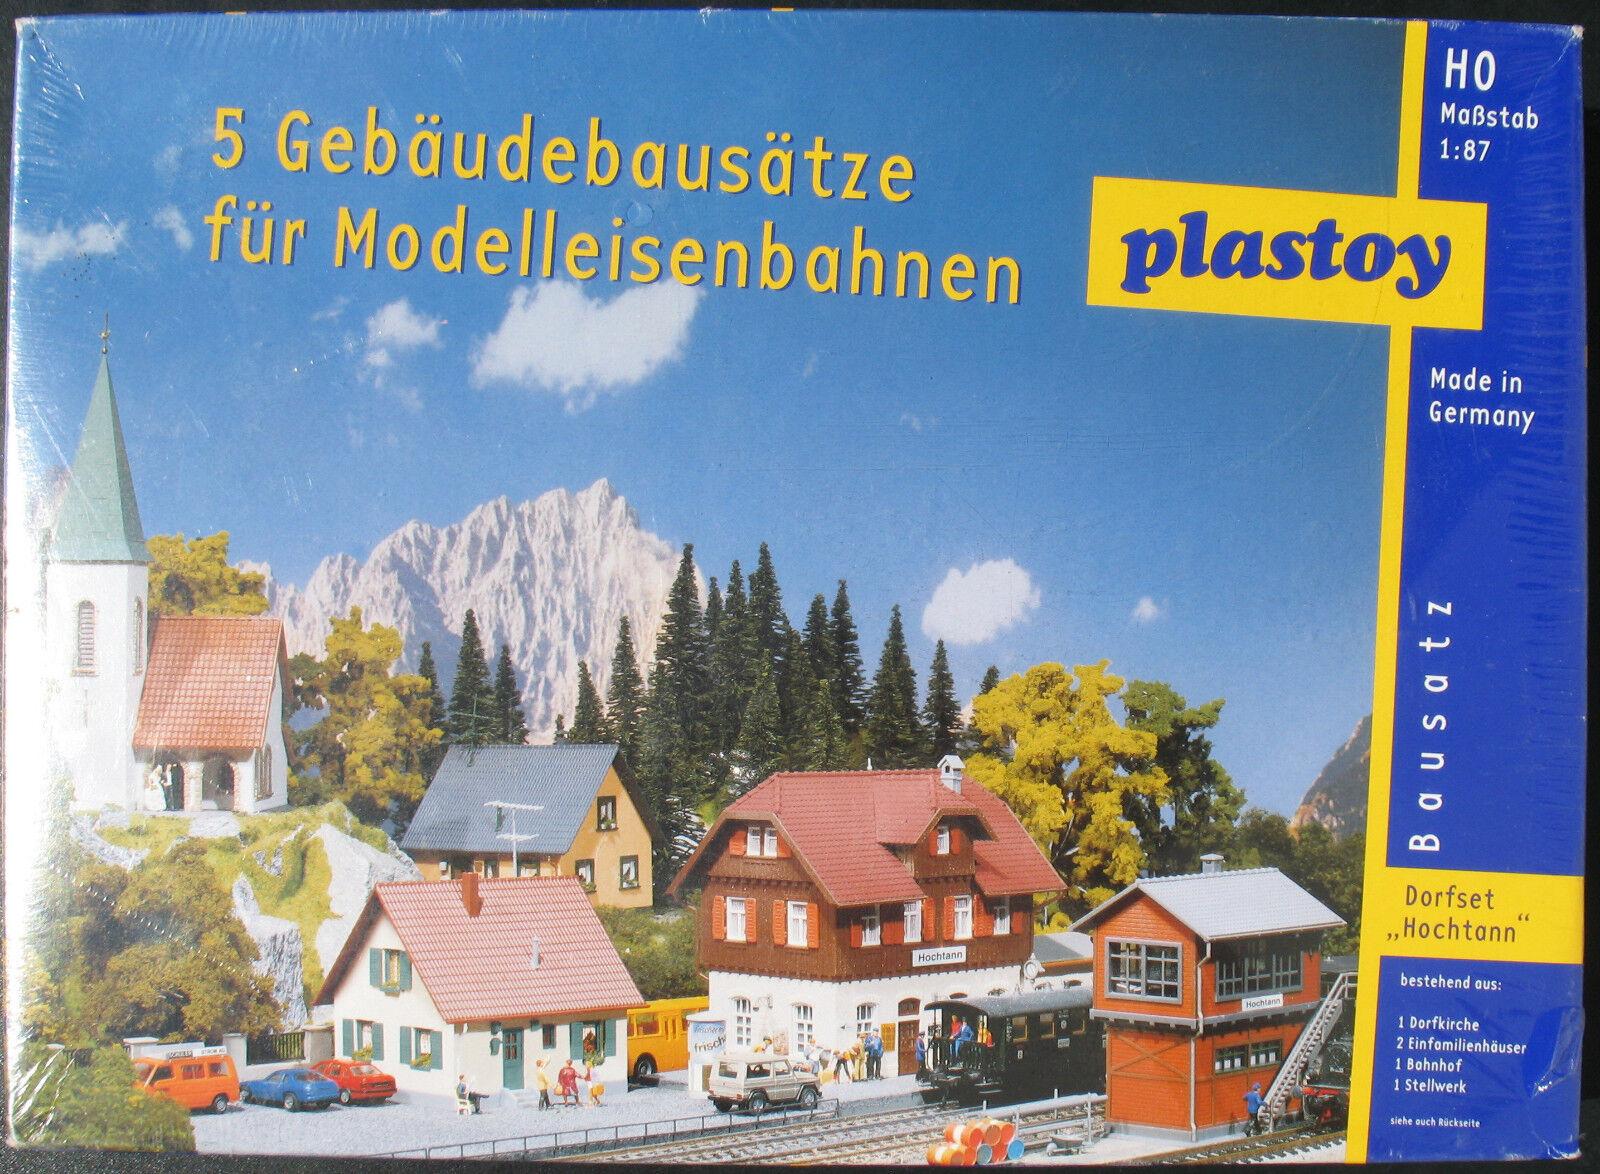 Plastoy - Dorfset  Hochtann  5 Gebäudebausätze - H0   1 87 - Eisenbahn - Kit OVP